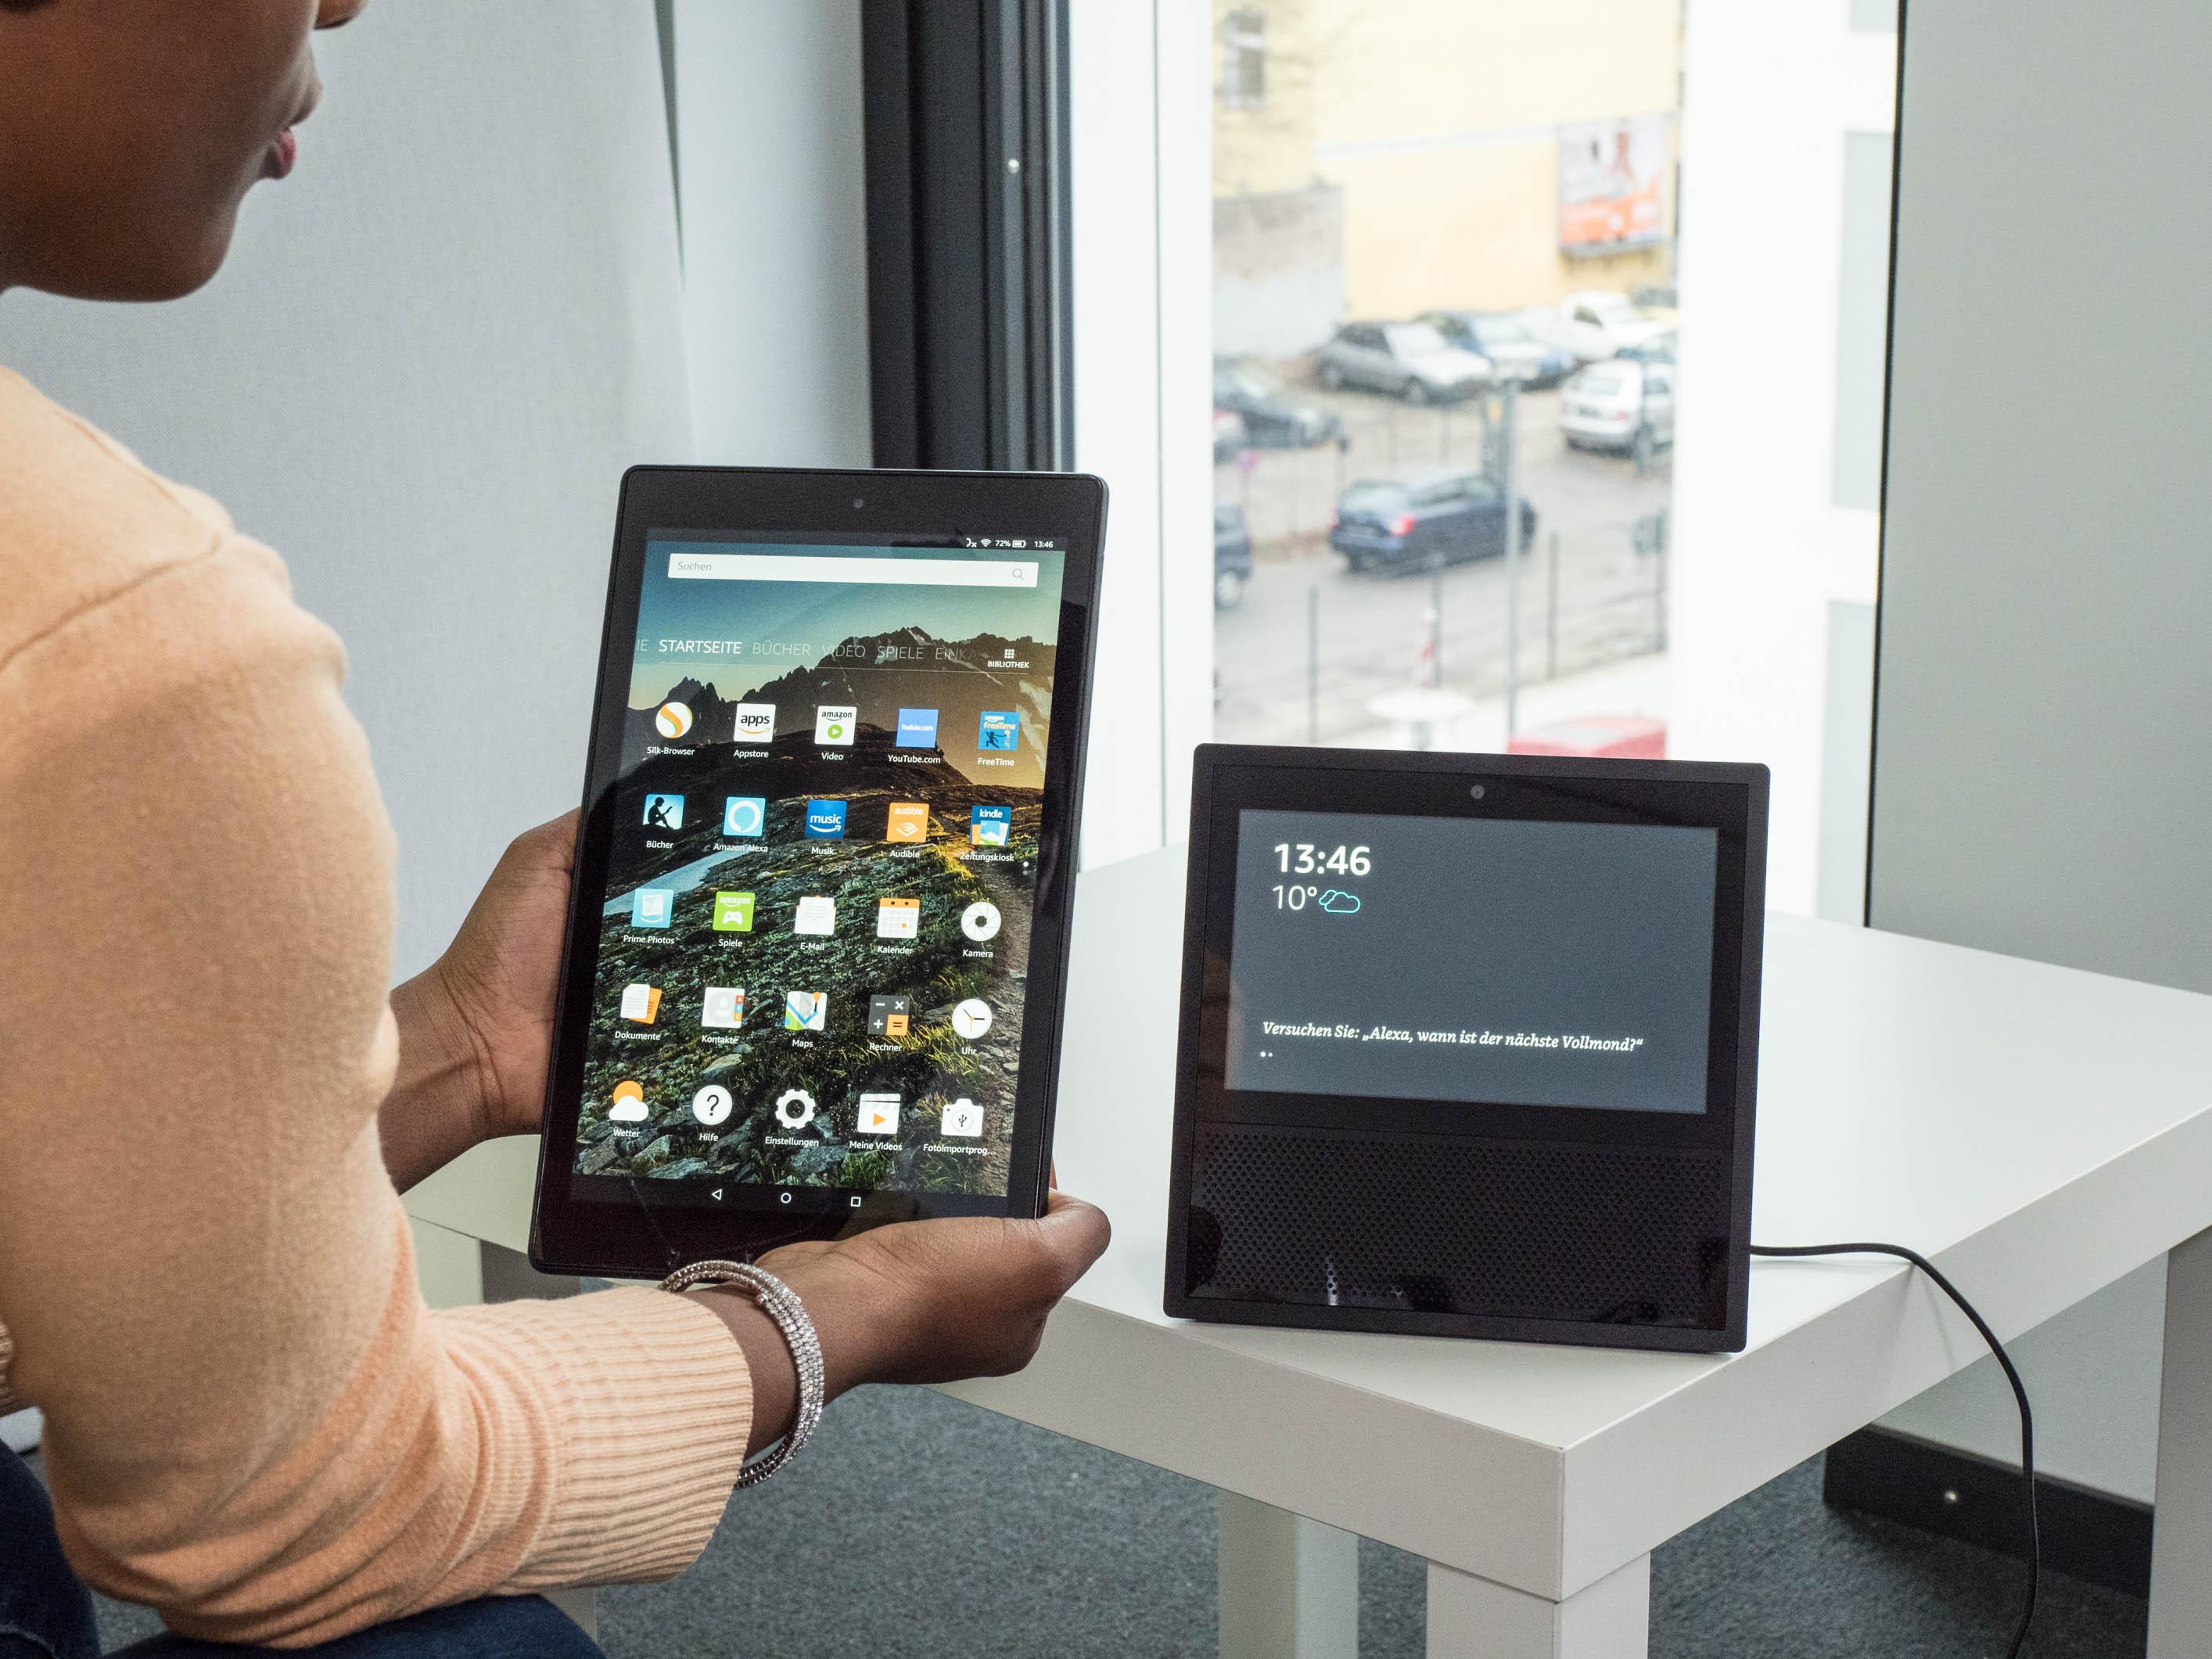 Echo Show vs. Fire HD 10 im Test: Alexa, zeig's mir! - Links Fire HD 10, rechts Echo Show (Bild: Martin Wolf/Golem.de)